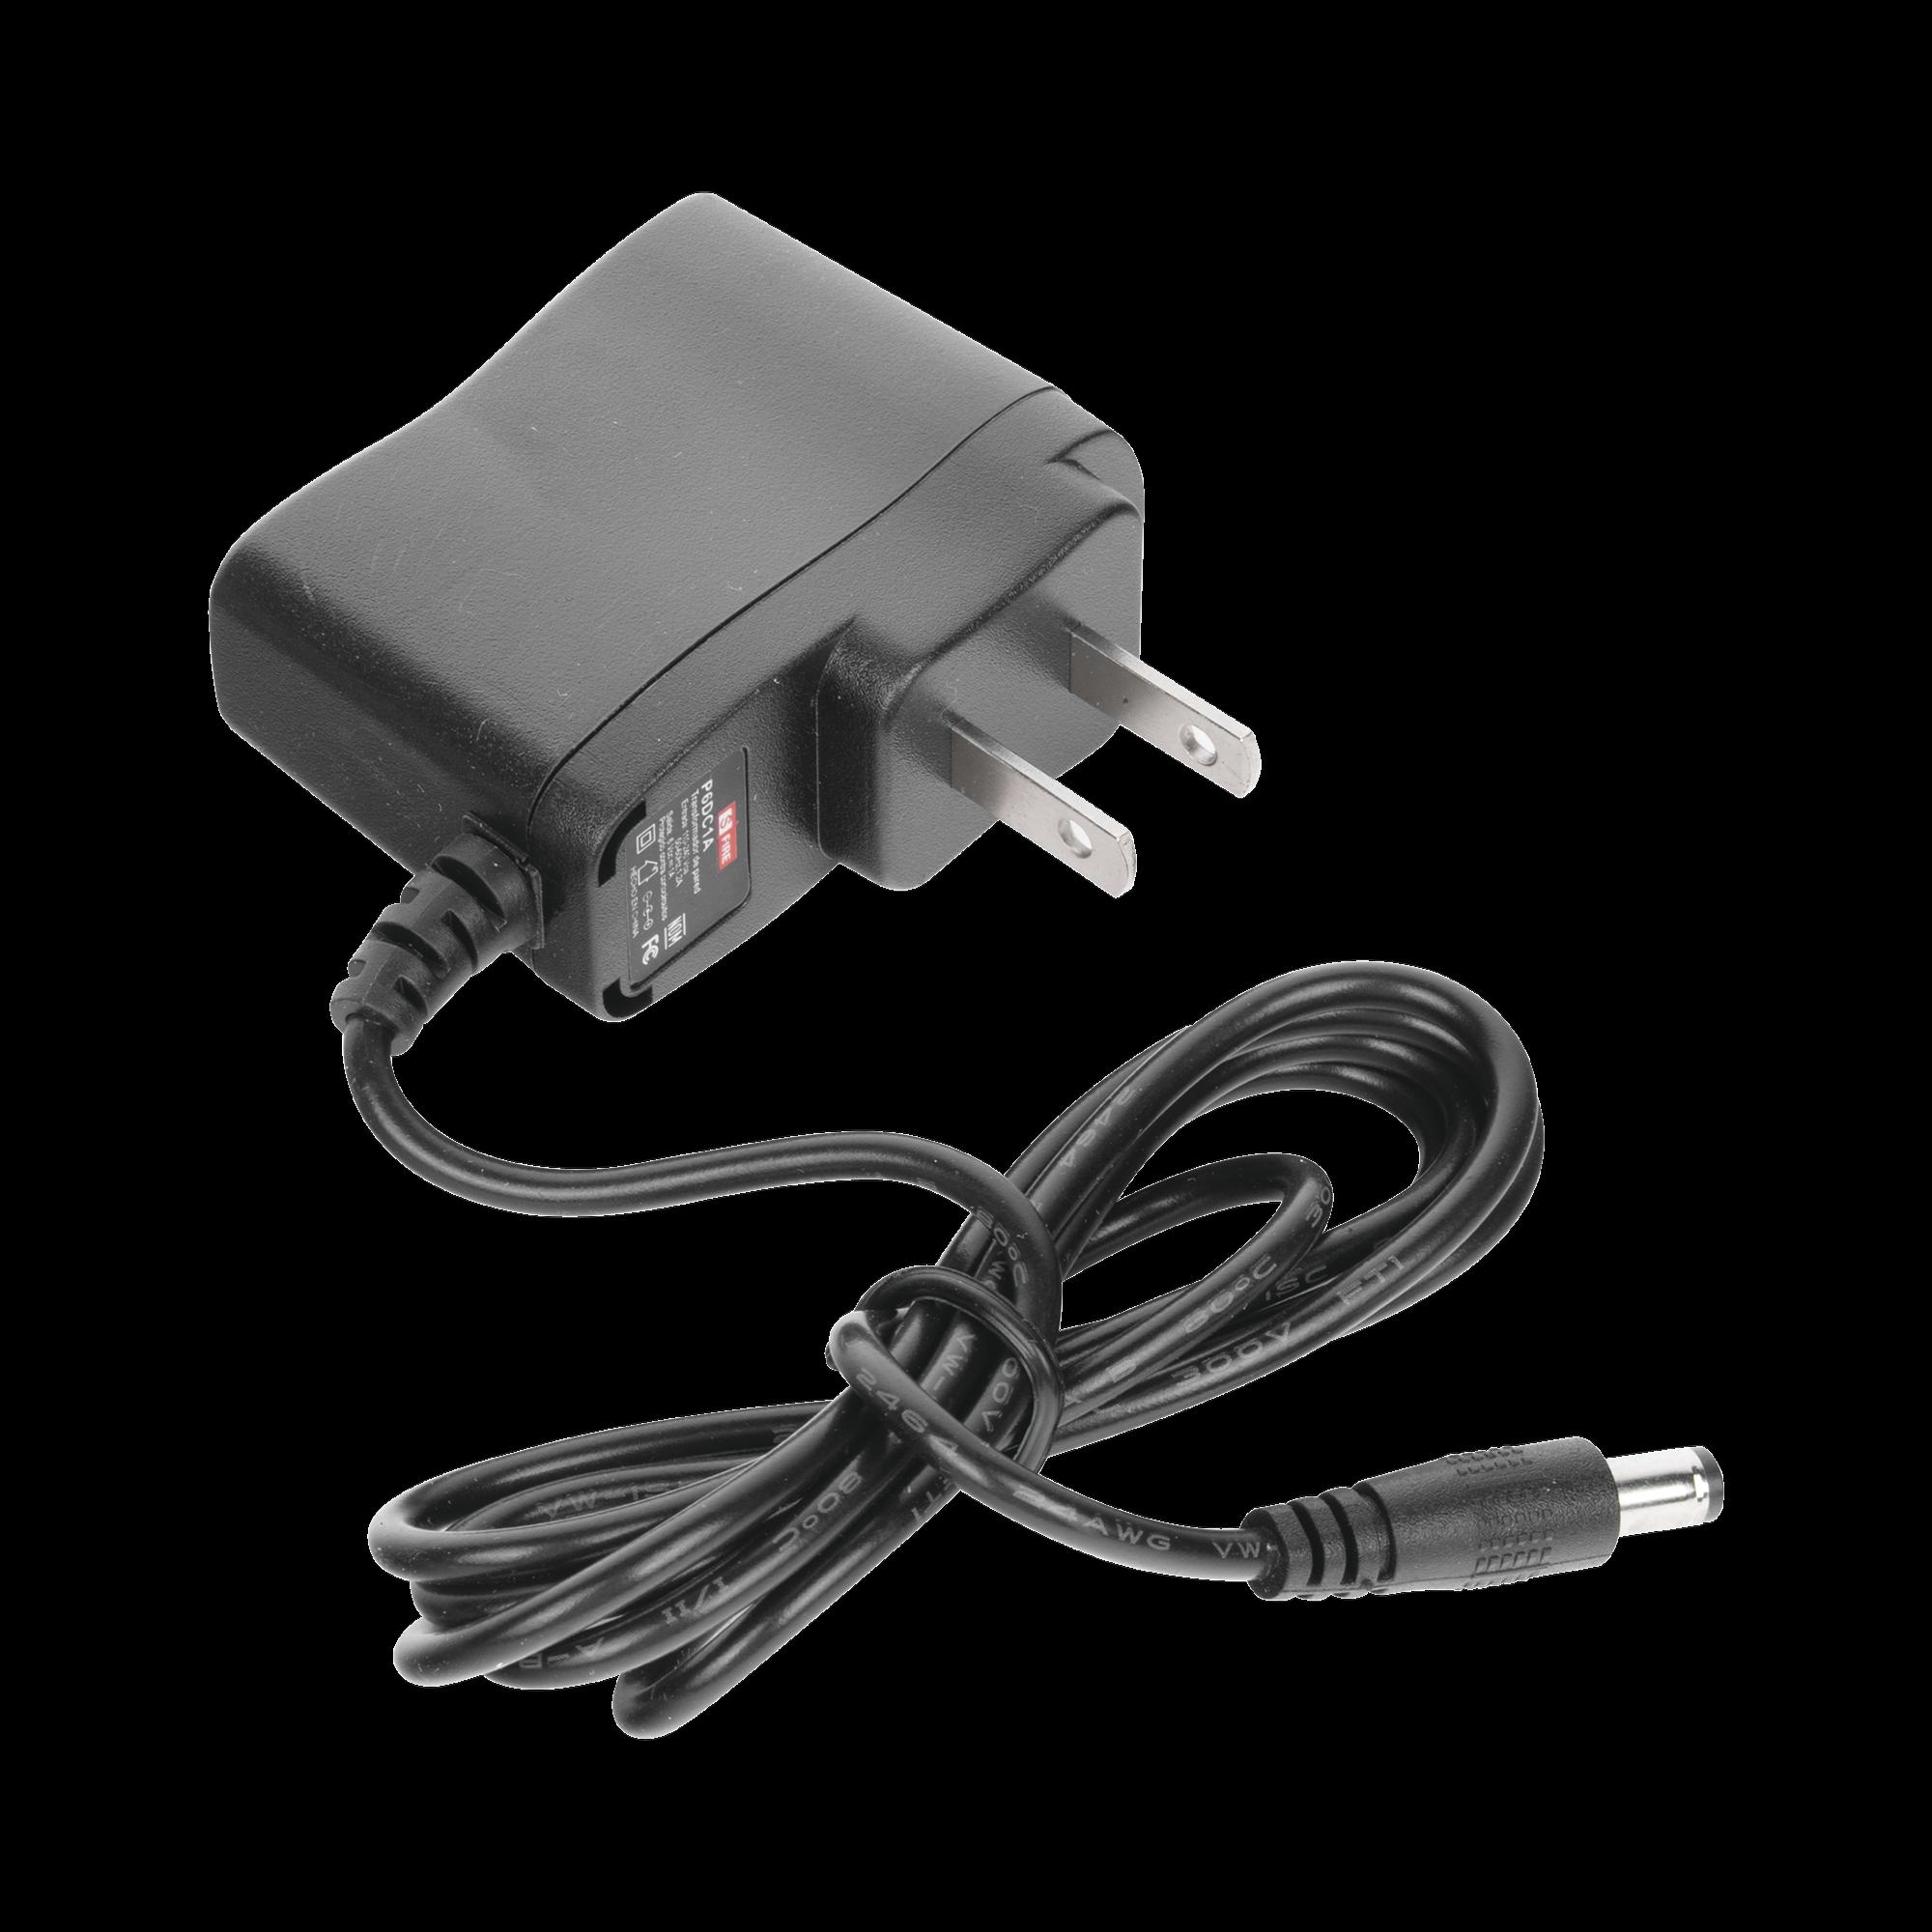 Fuente de poder de 6 Vcd regulado @ 1A; Voltaje de entrada de 100-240 Vca. Certificación de NOM